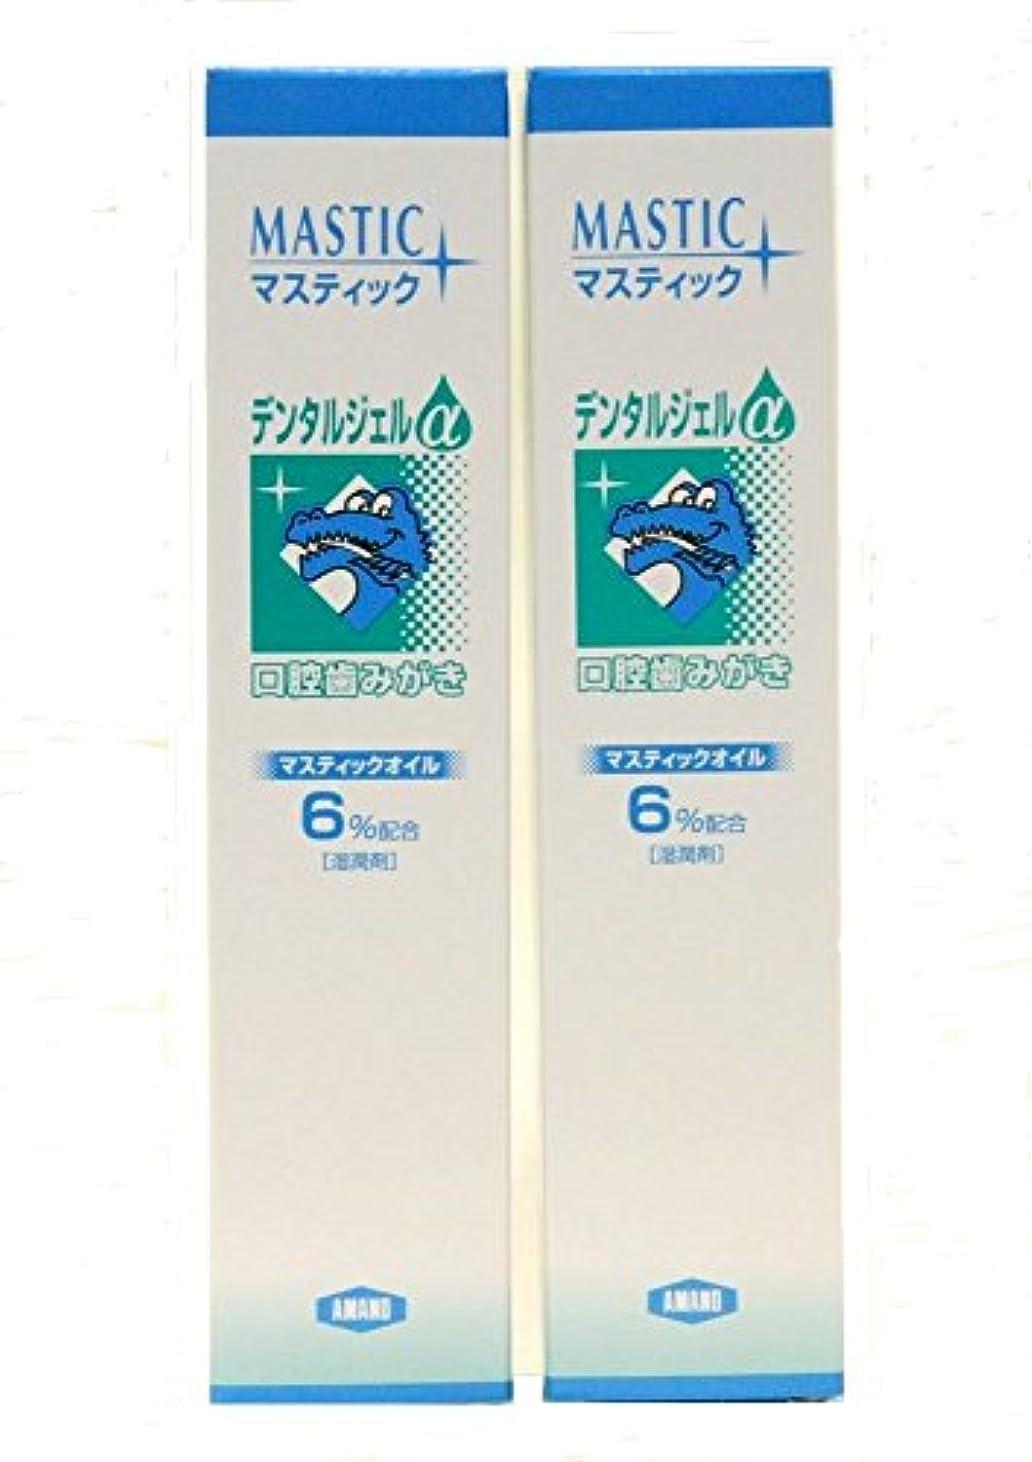 氏見積り間違えたMASTIC マスティックデンタルジェルα45gX2個セット